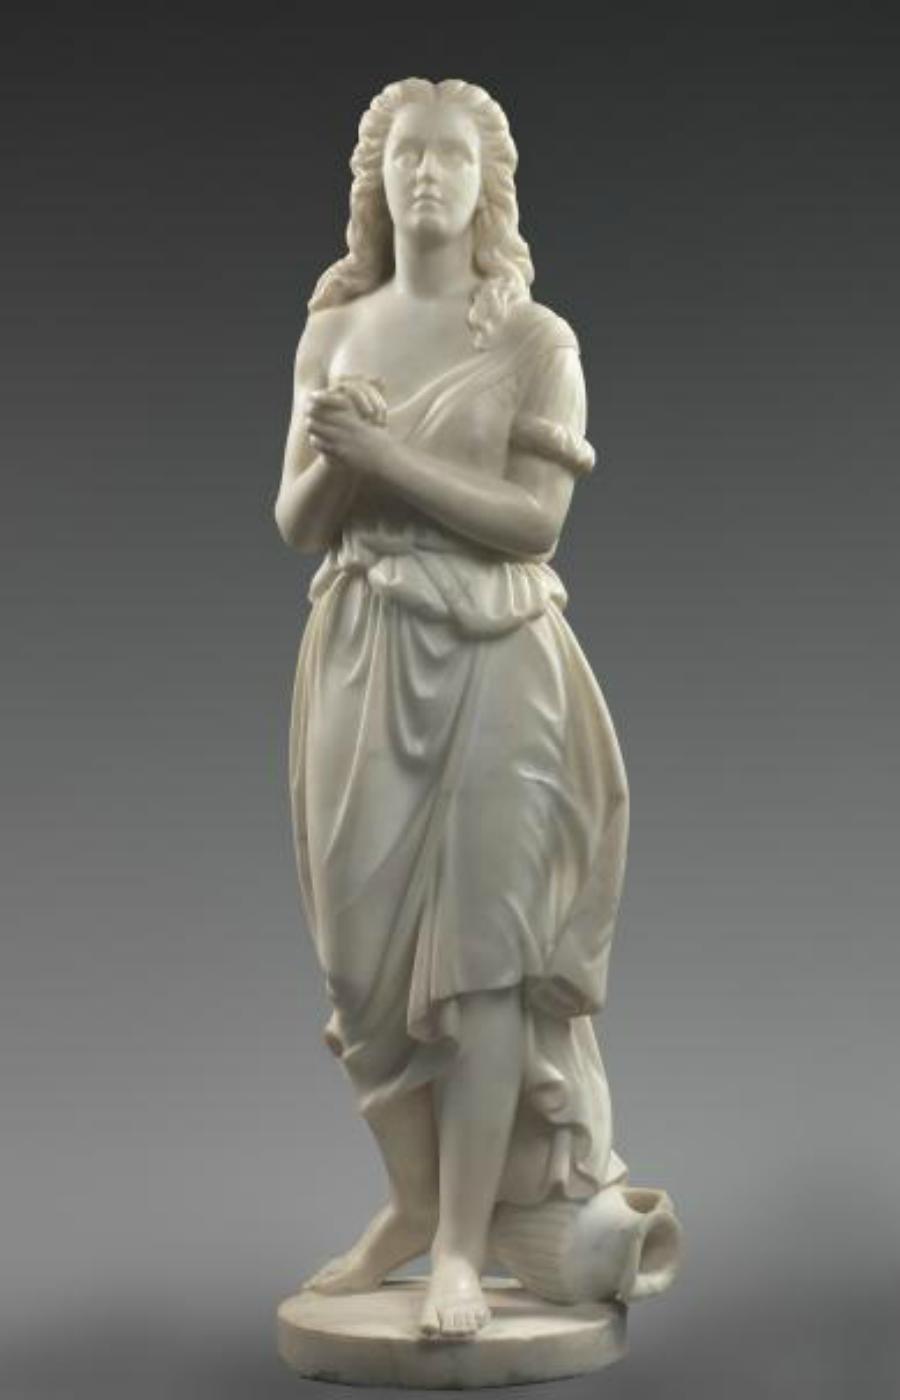 Edmonia Lewis, Hagar , 1875, mármol tallado, Smithsonian American Art Museum, regalo de Delta Sigma Theta Sorority, Inc.